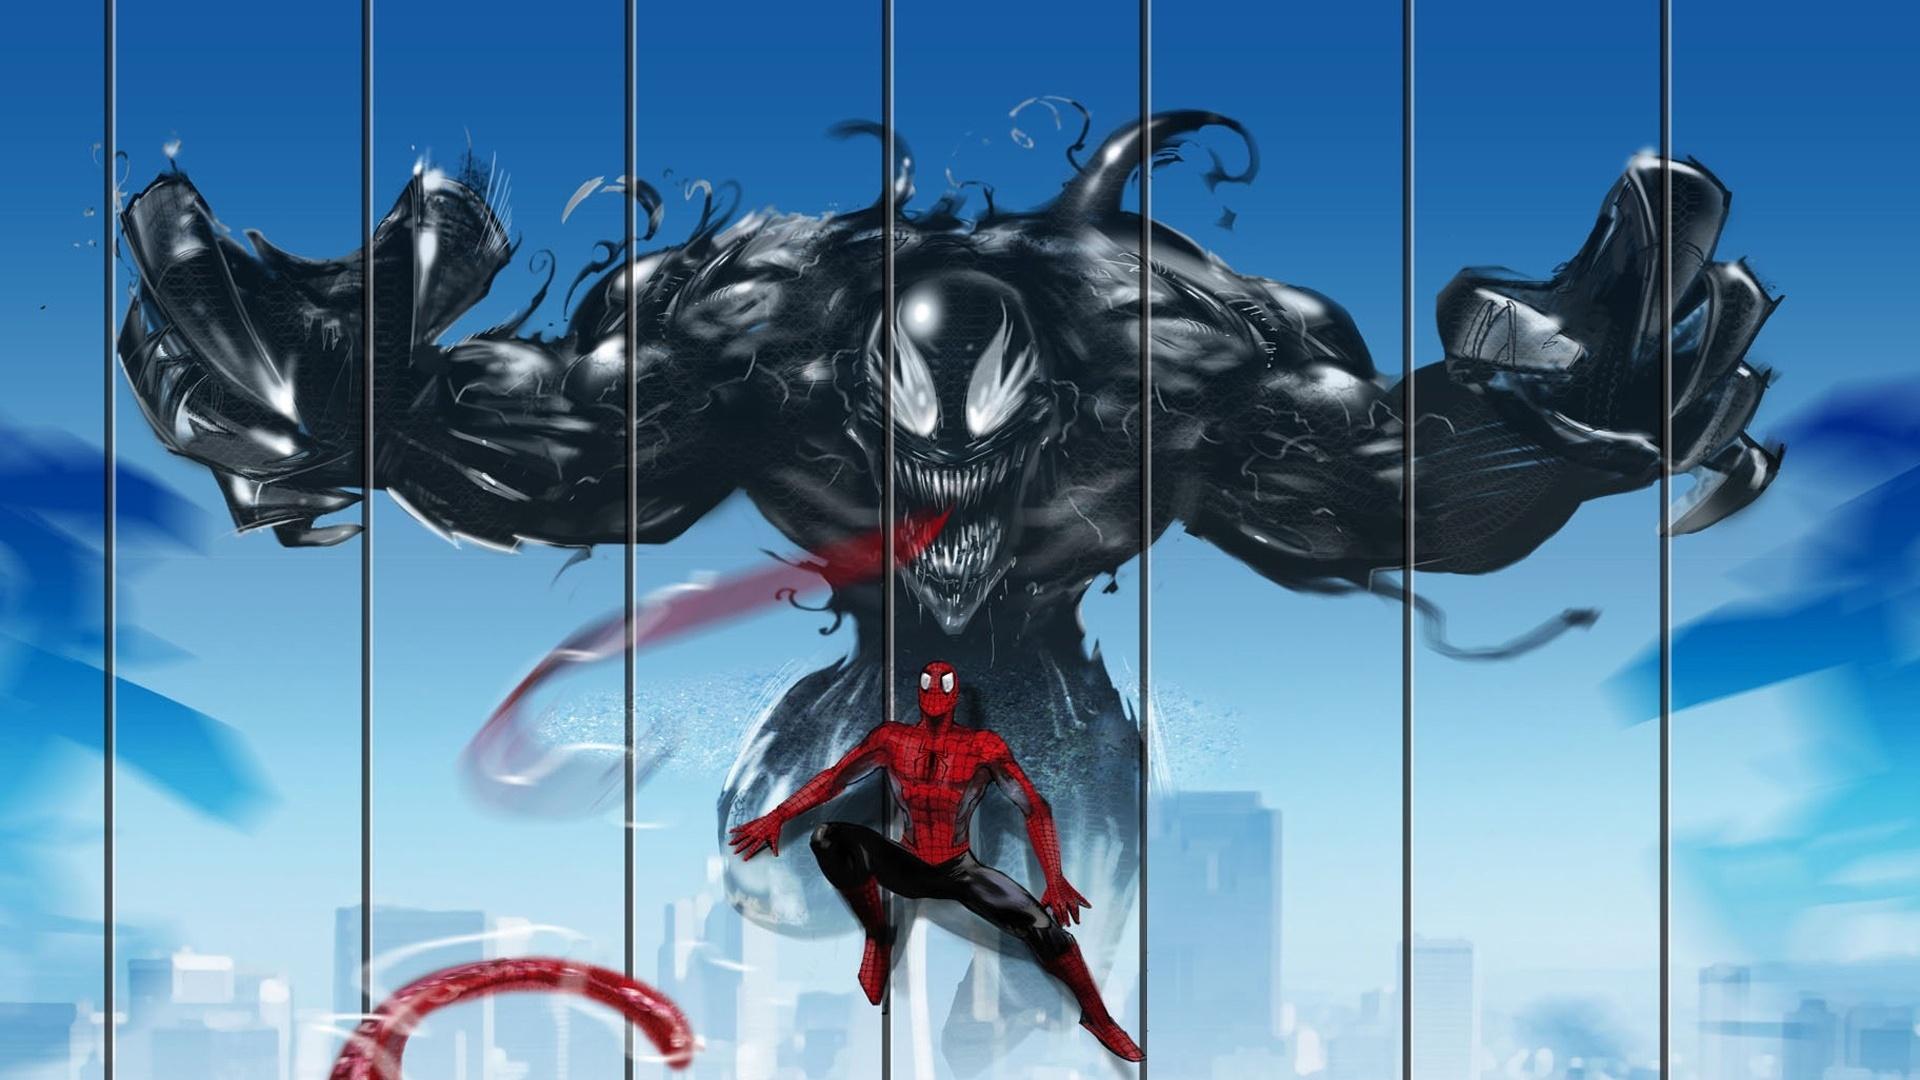 Venom free pic